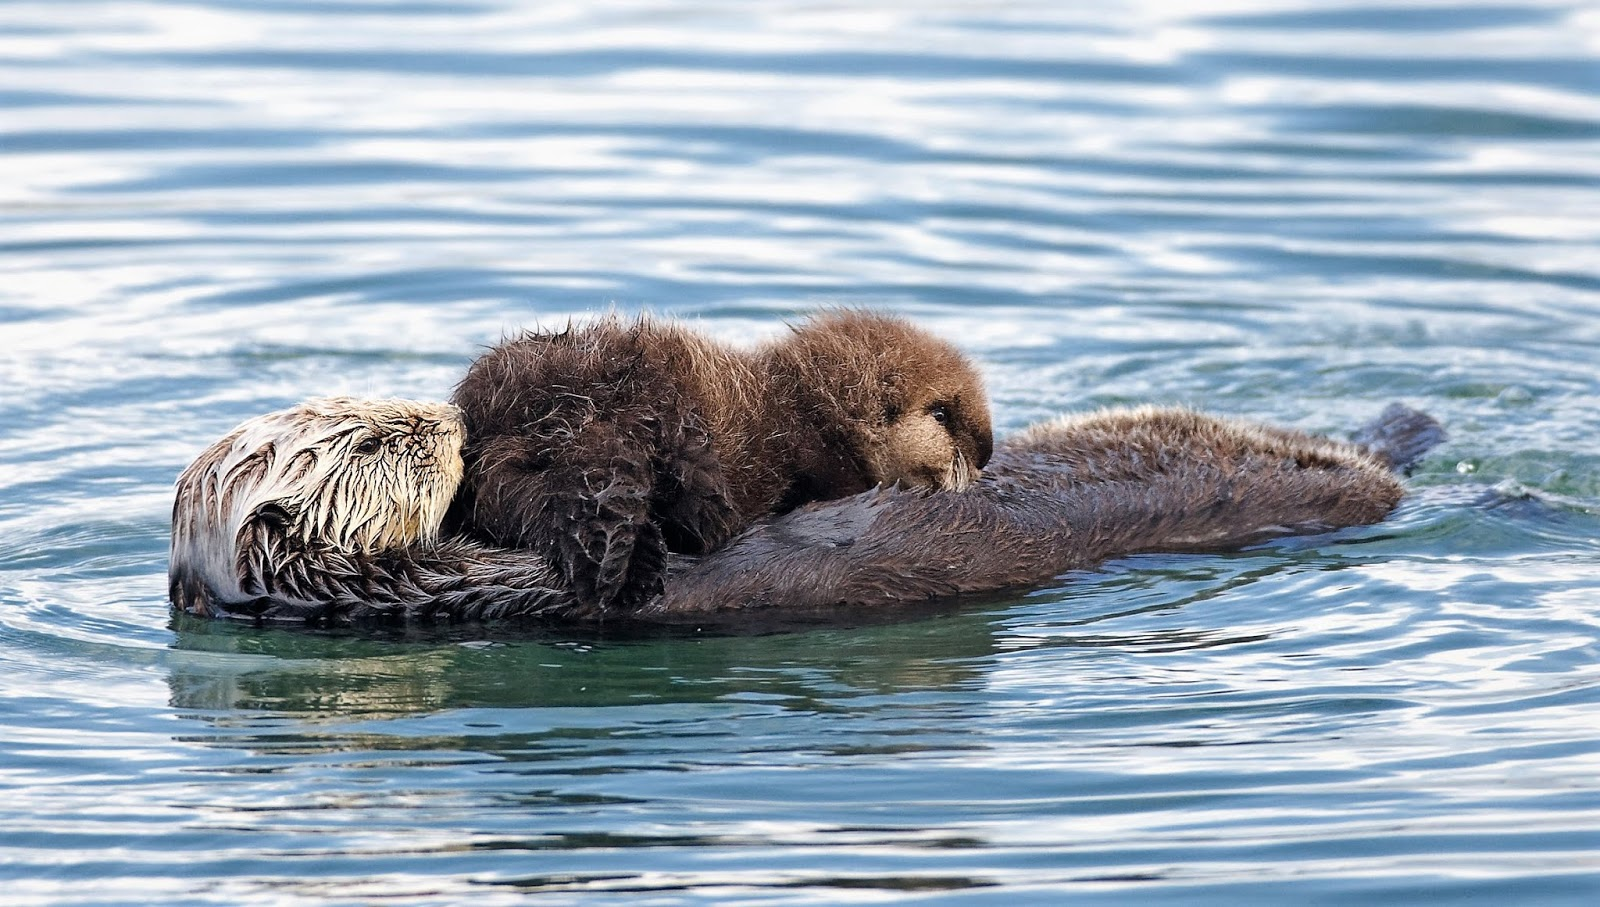 zweten als een otter